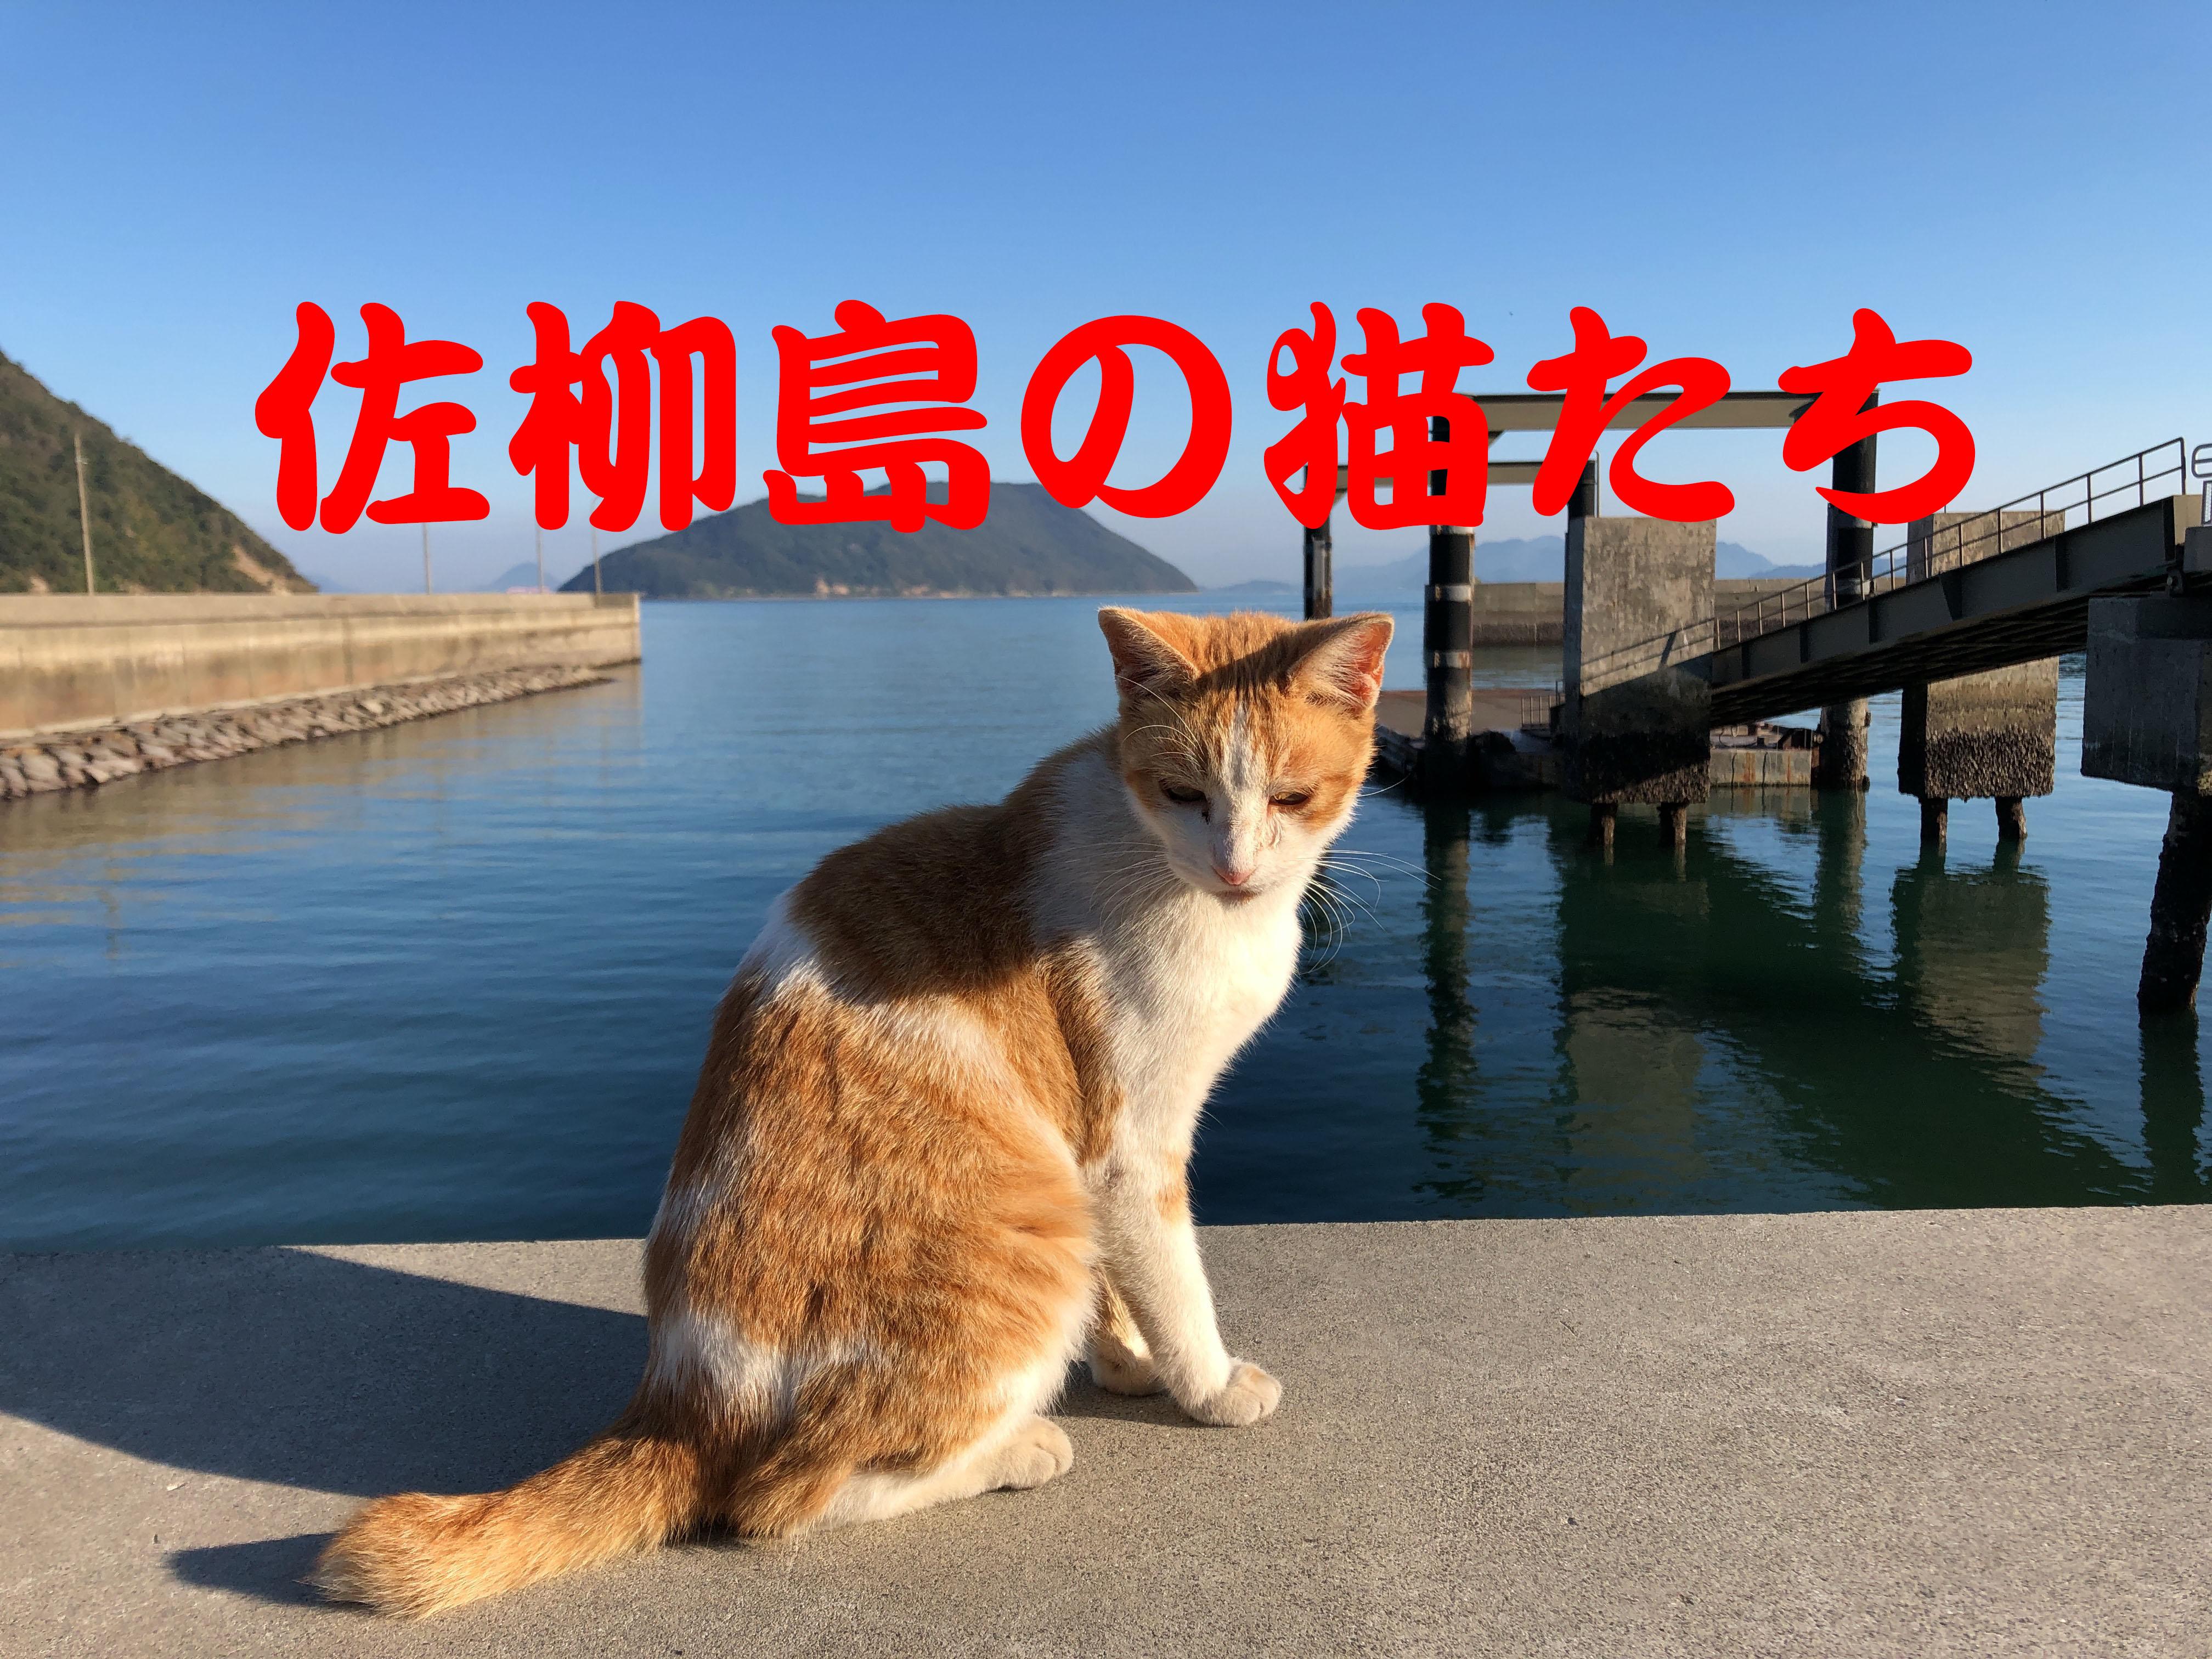 佐柳島2018】猫たちに会いに佐柳...